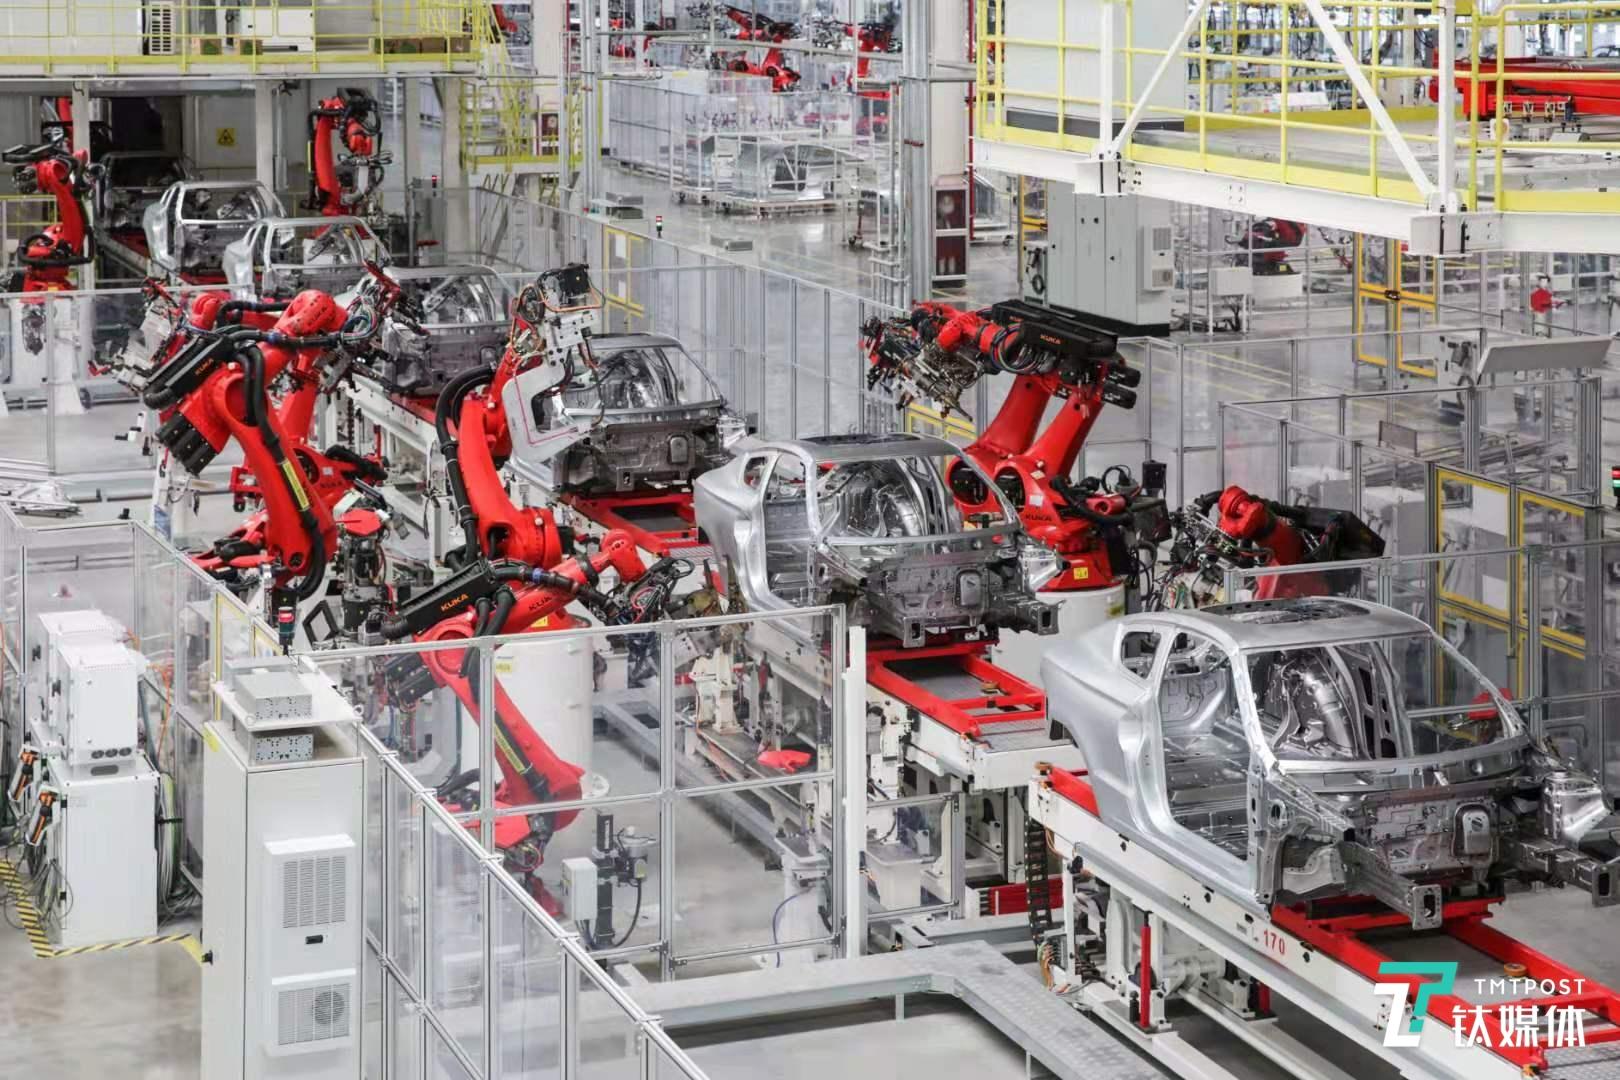 零跑生产资质获批,新款T03、全新C11将在零跑金华工厂生产